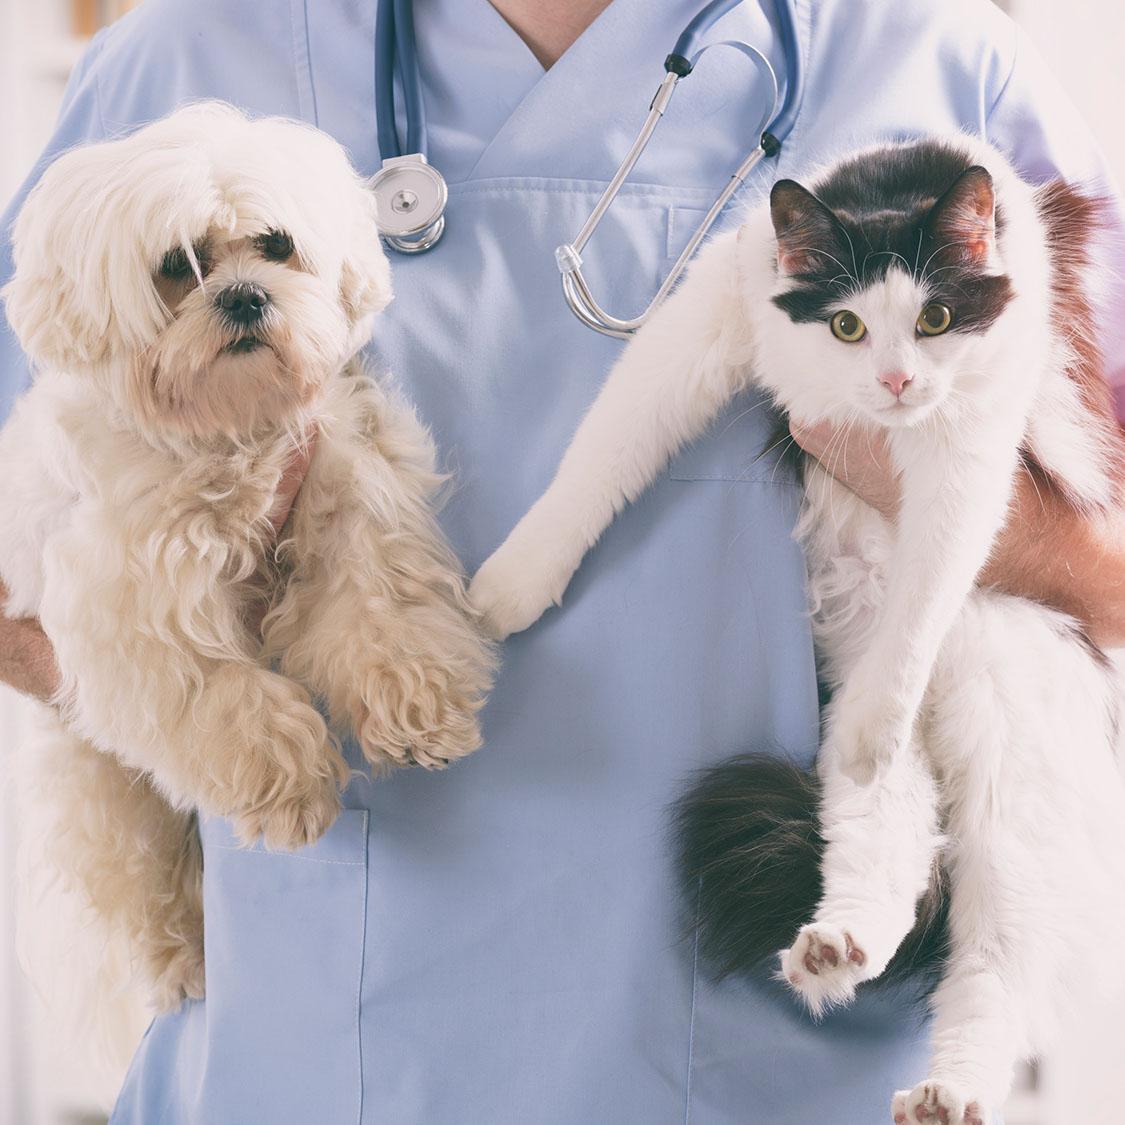 입양 후 첫 동물병원, 어떤 검사를 받을까?